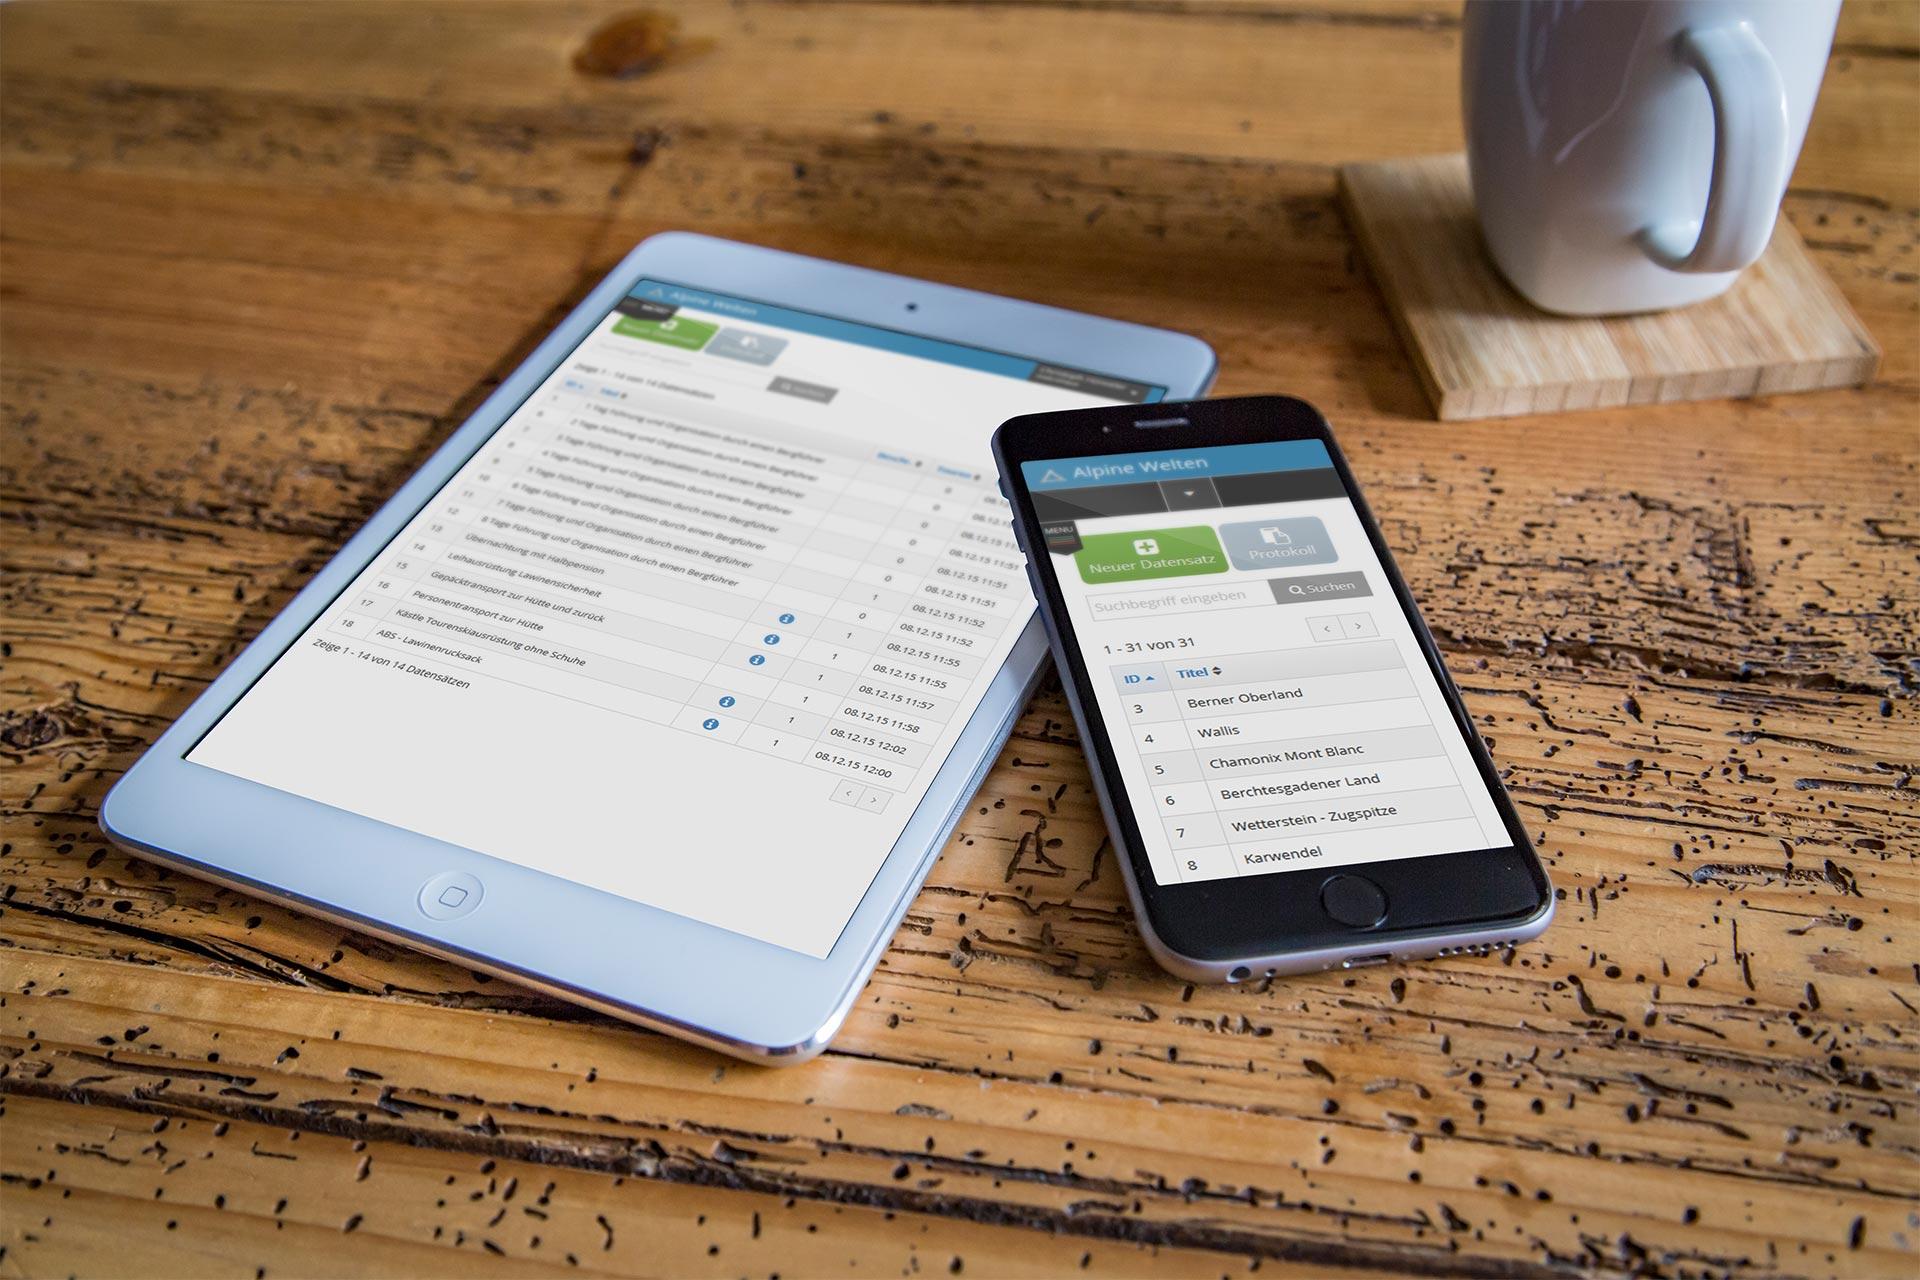 Bi Alpine Welten Buchungsverwaltung Tablet Handy